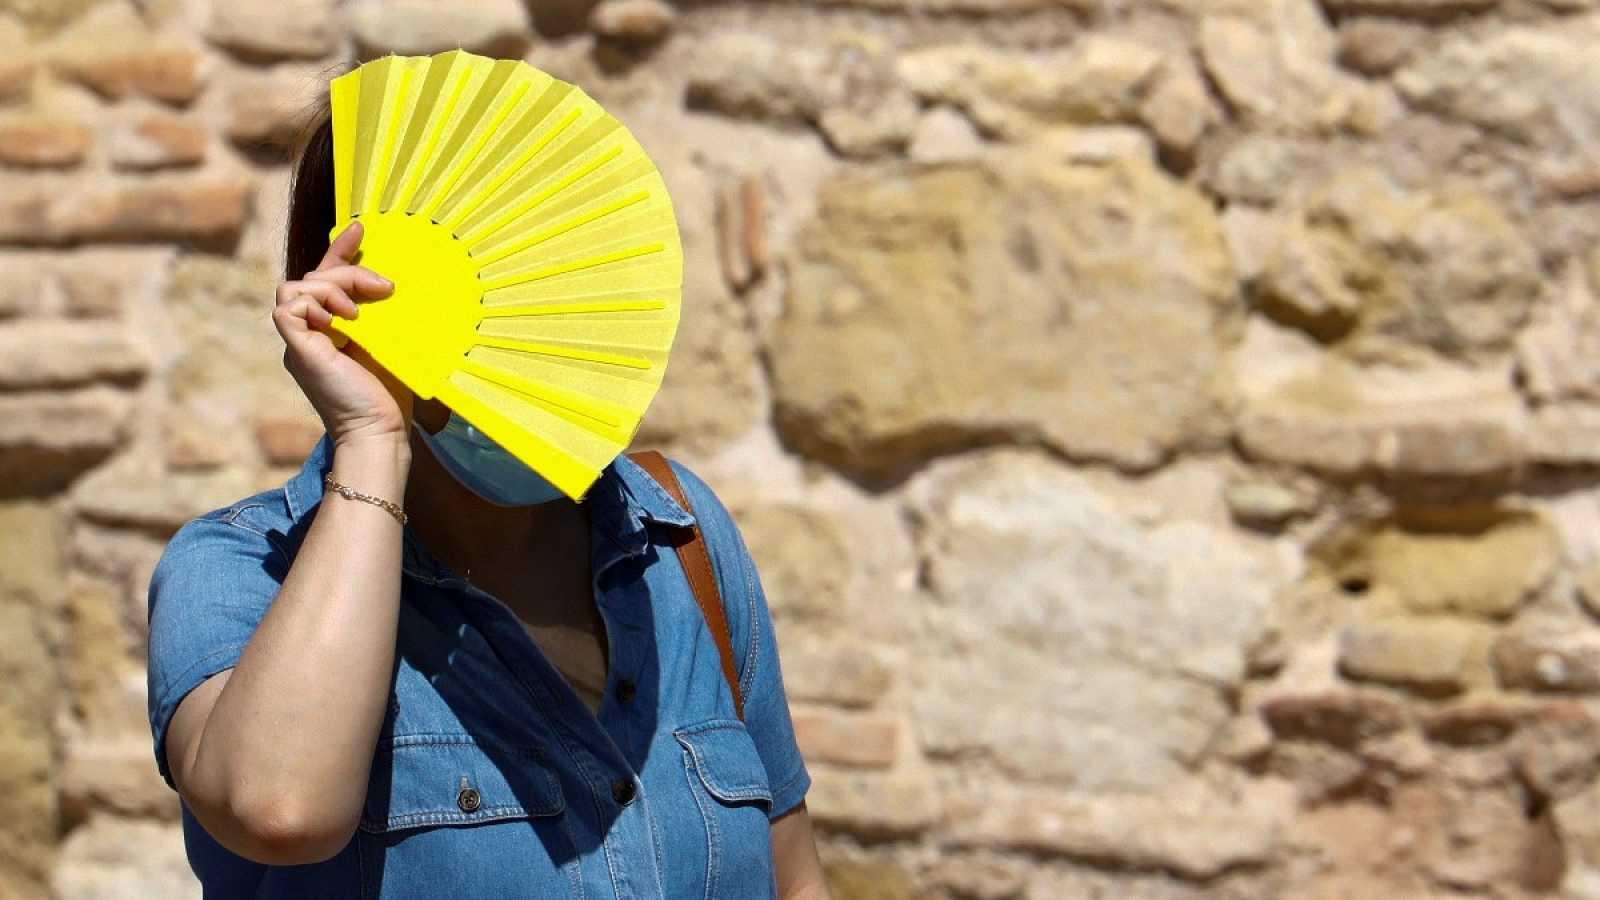 El otoño será más caluroso y seco de lo normal tras un verano más cálido